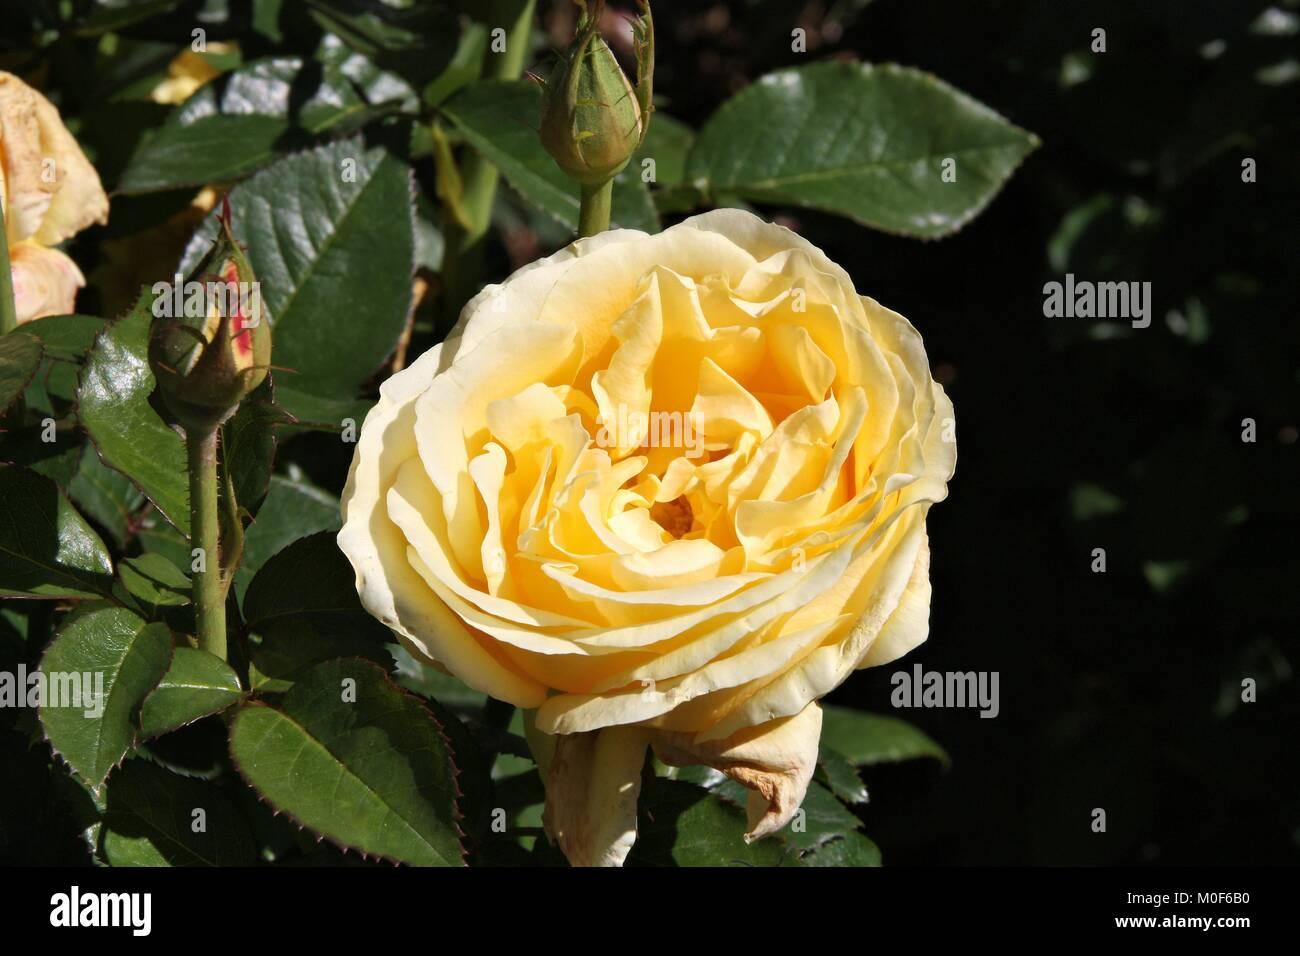 Rosa Glorious Interictira - hybrid tea rose variety at Christchurch Botanical Garden, New Zealand. - Stock Image